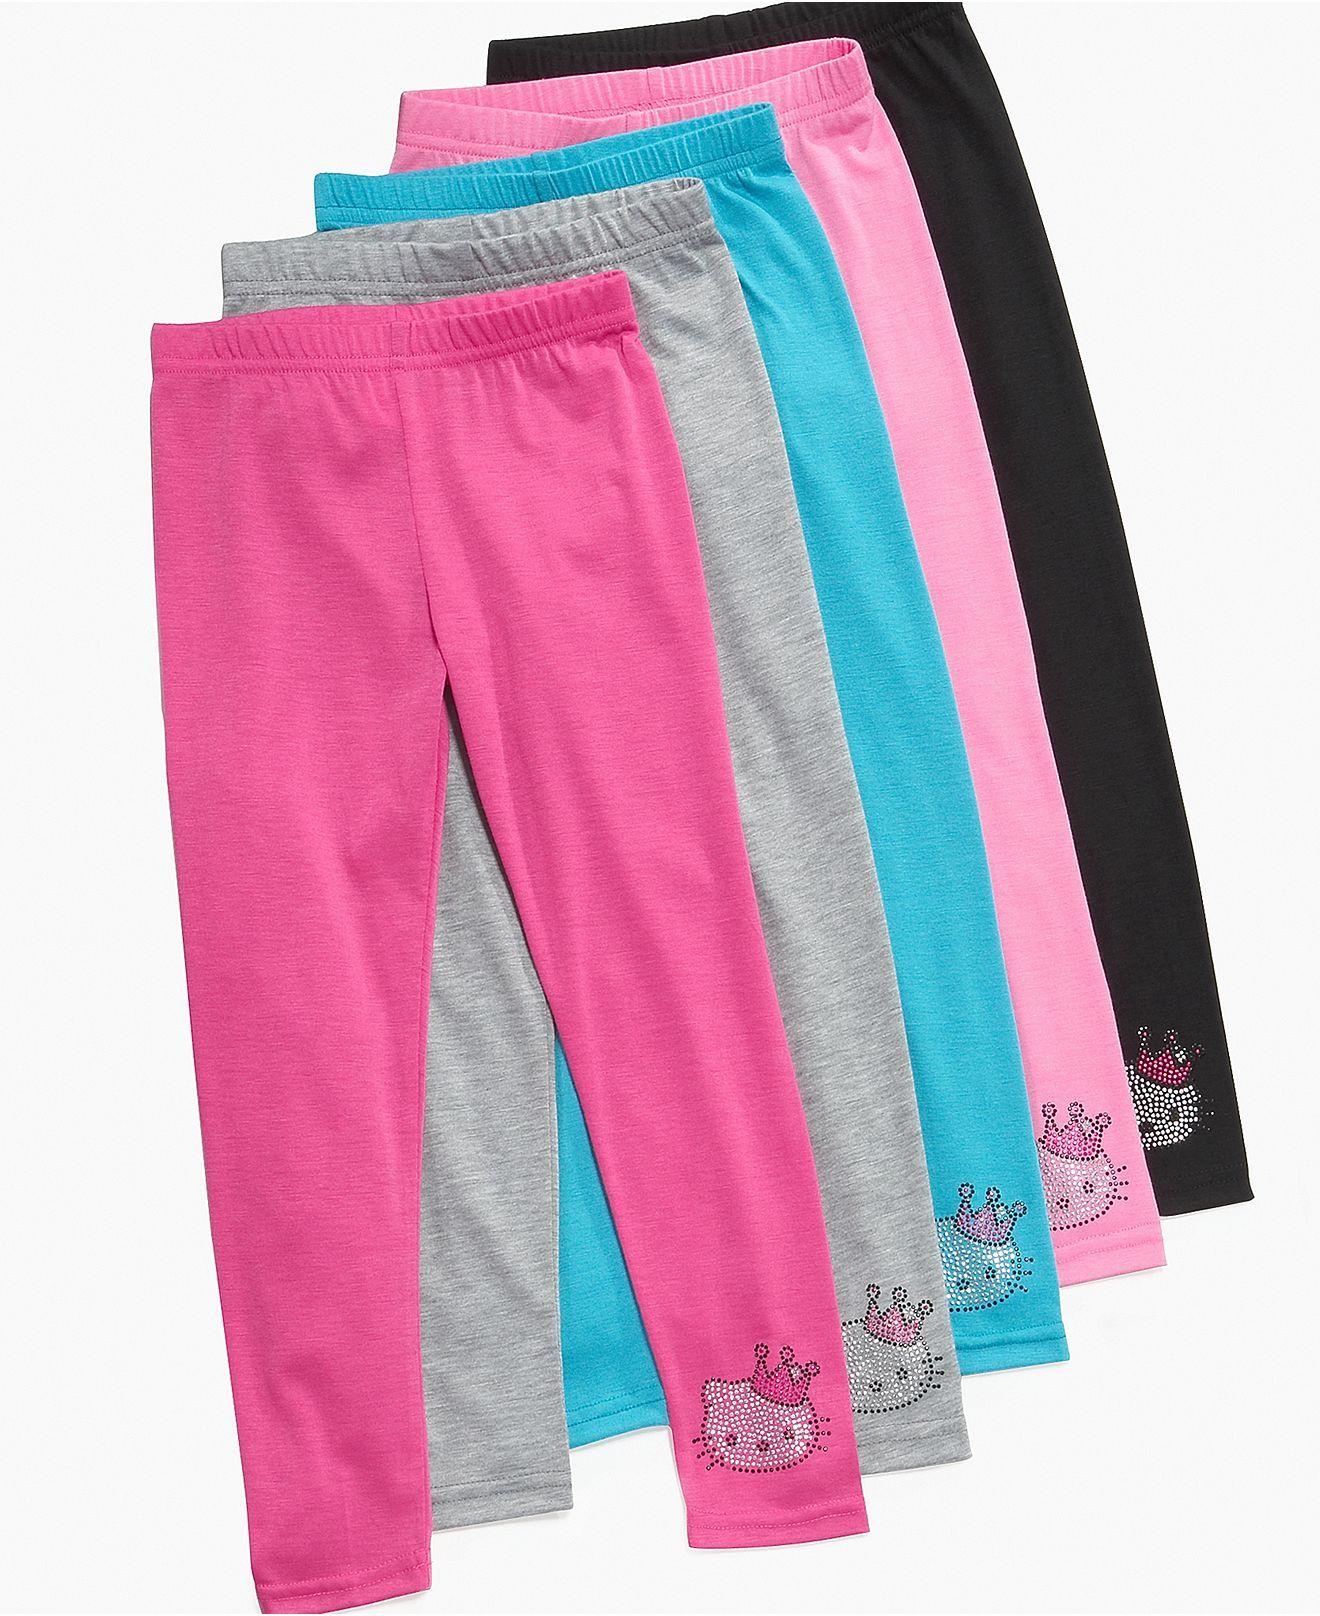 d03ded44b Hello Kitty Kids Leggings, Little Girls Basic Leggings - Kids Girls 2-6X -  Macy's